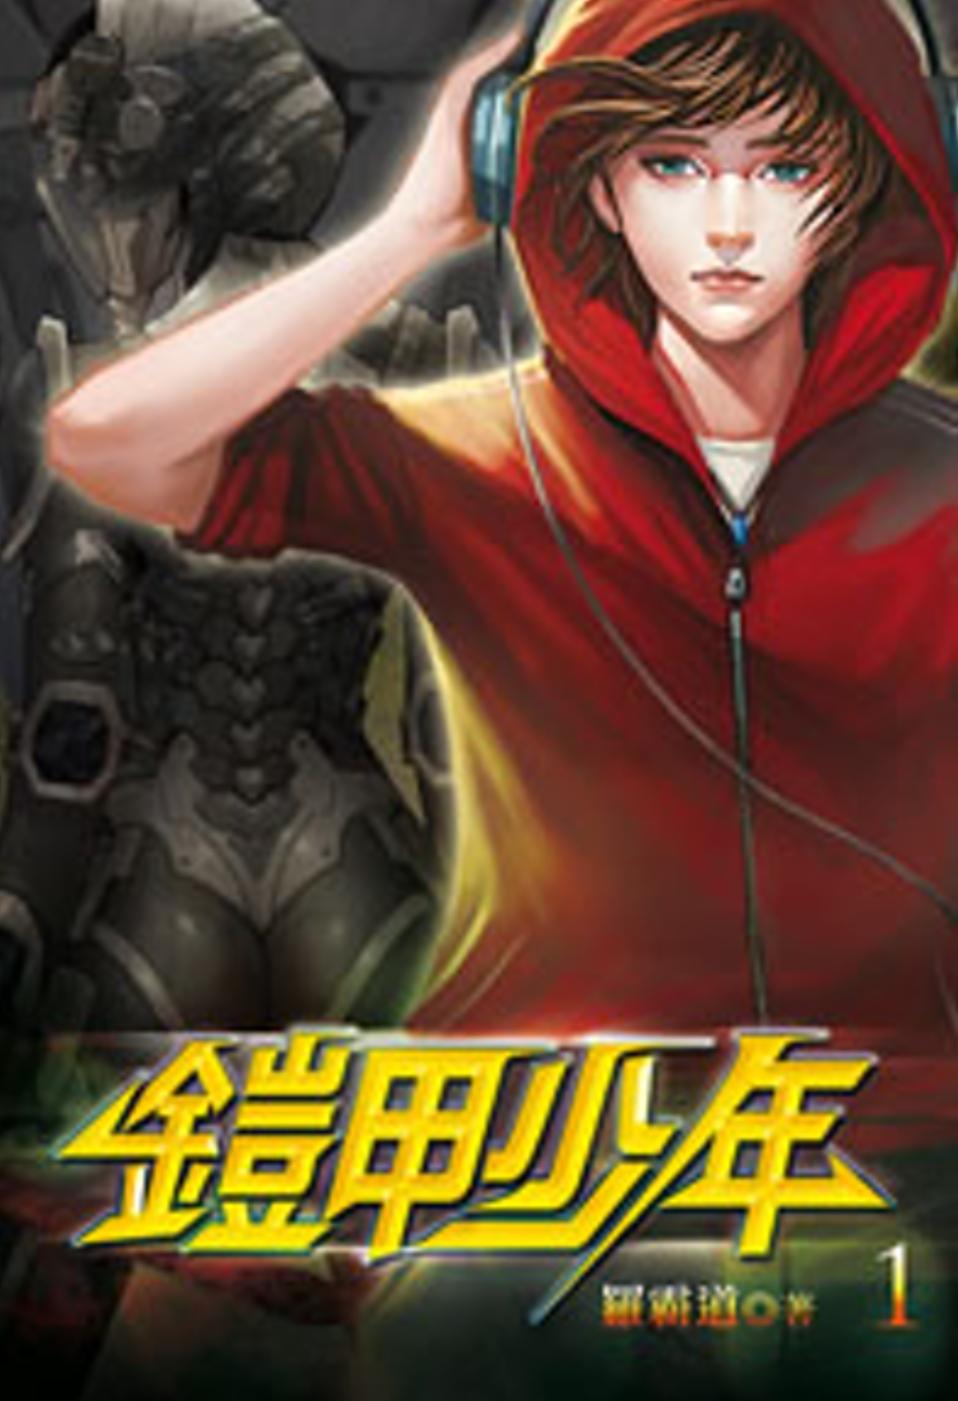 鎧甲少年01